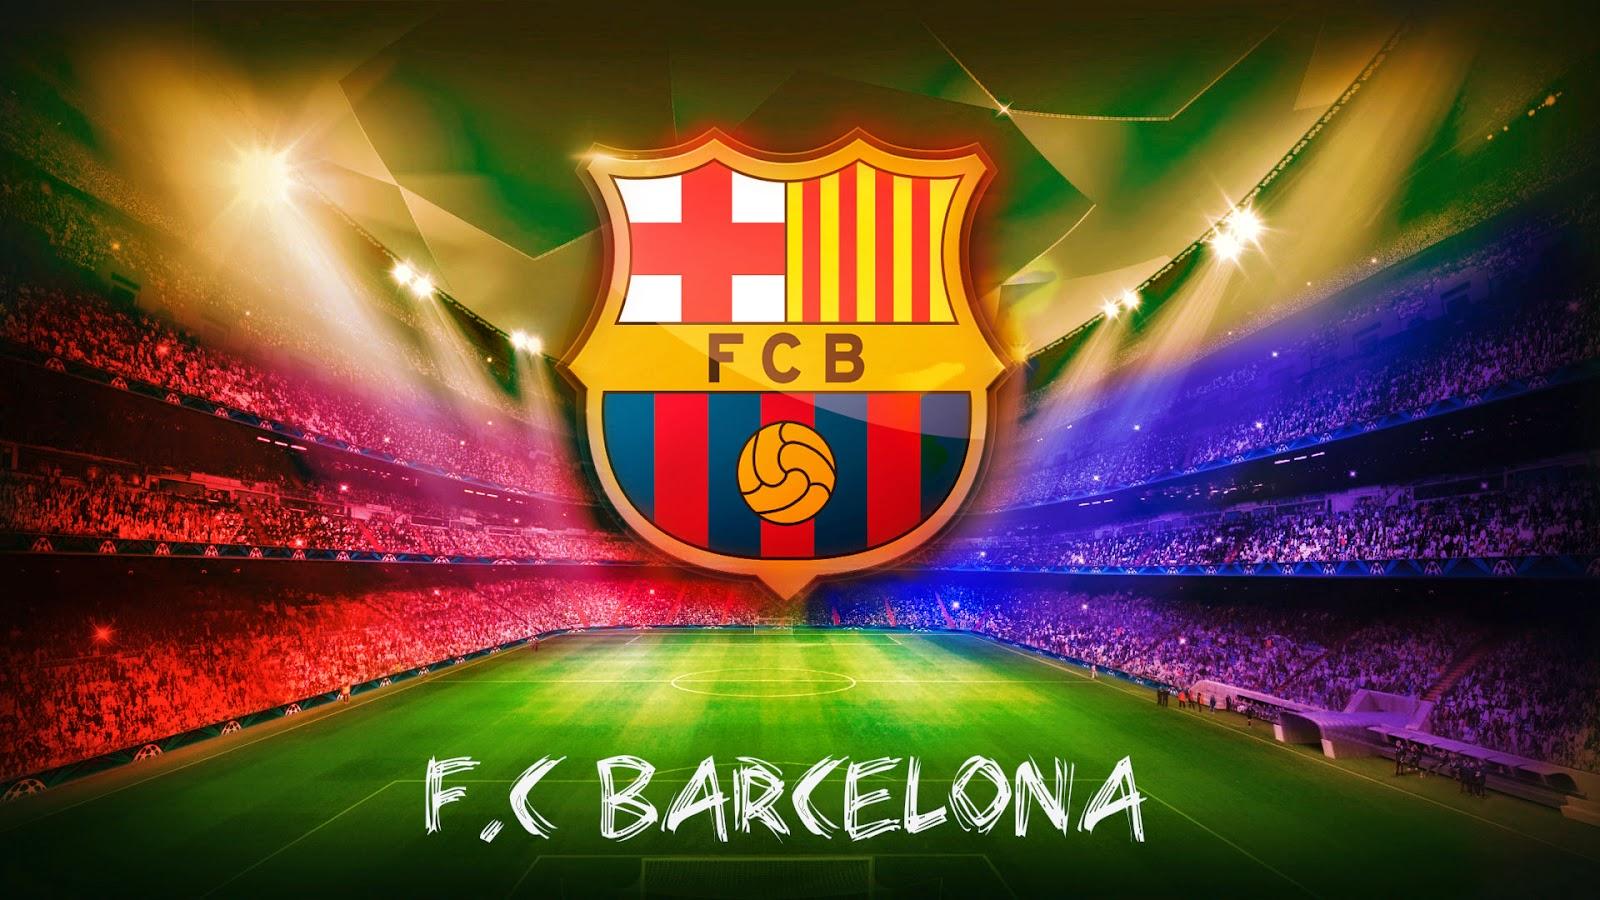 Fondos De Pantalla Del Fútbol Club Barcelona Wallpapers